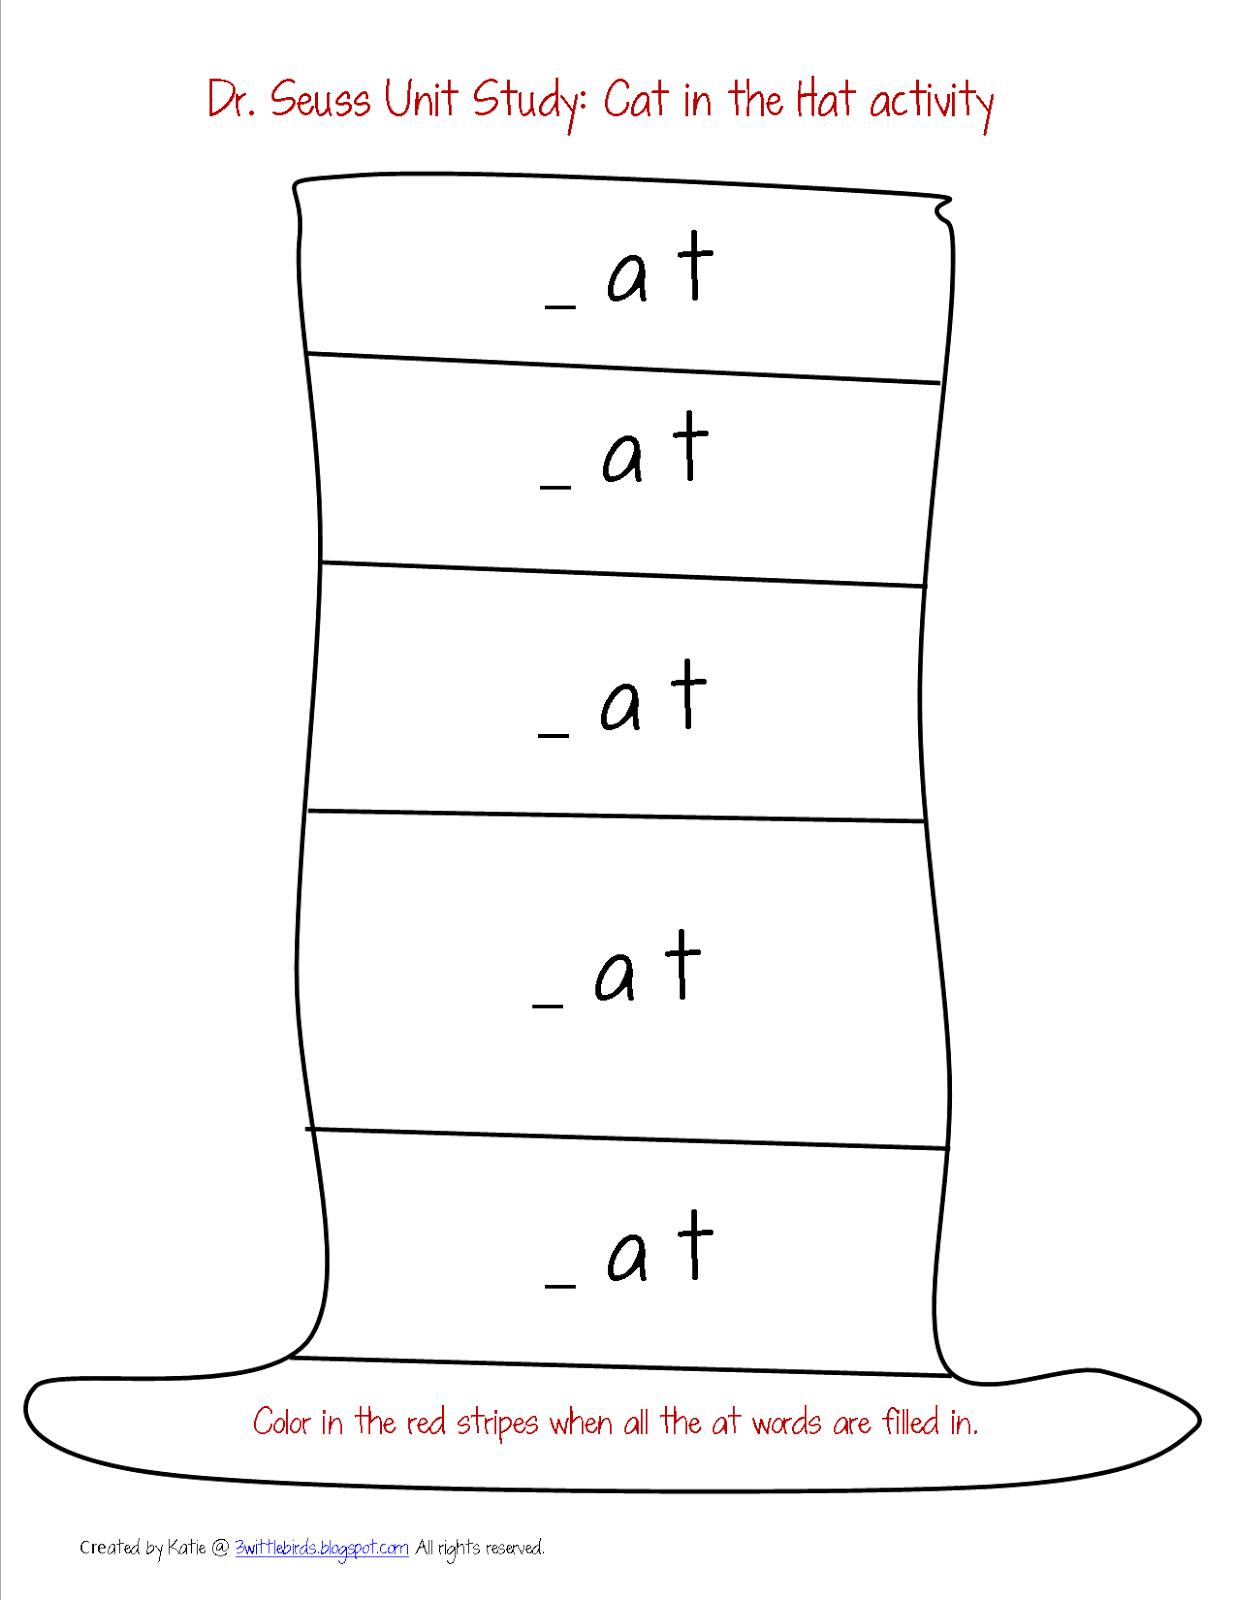 math worksheet : dr seuss free worksheets printables  worksheets for education : Dr Seuss Worksheets For Kindergarten